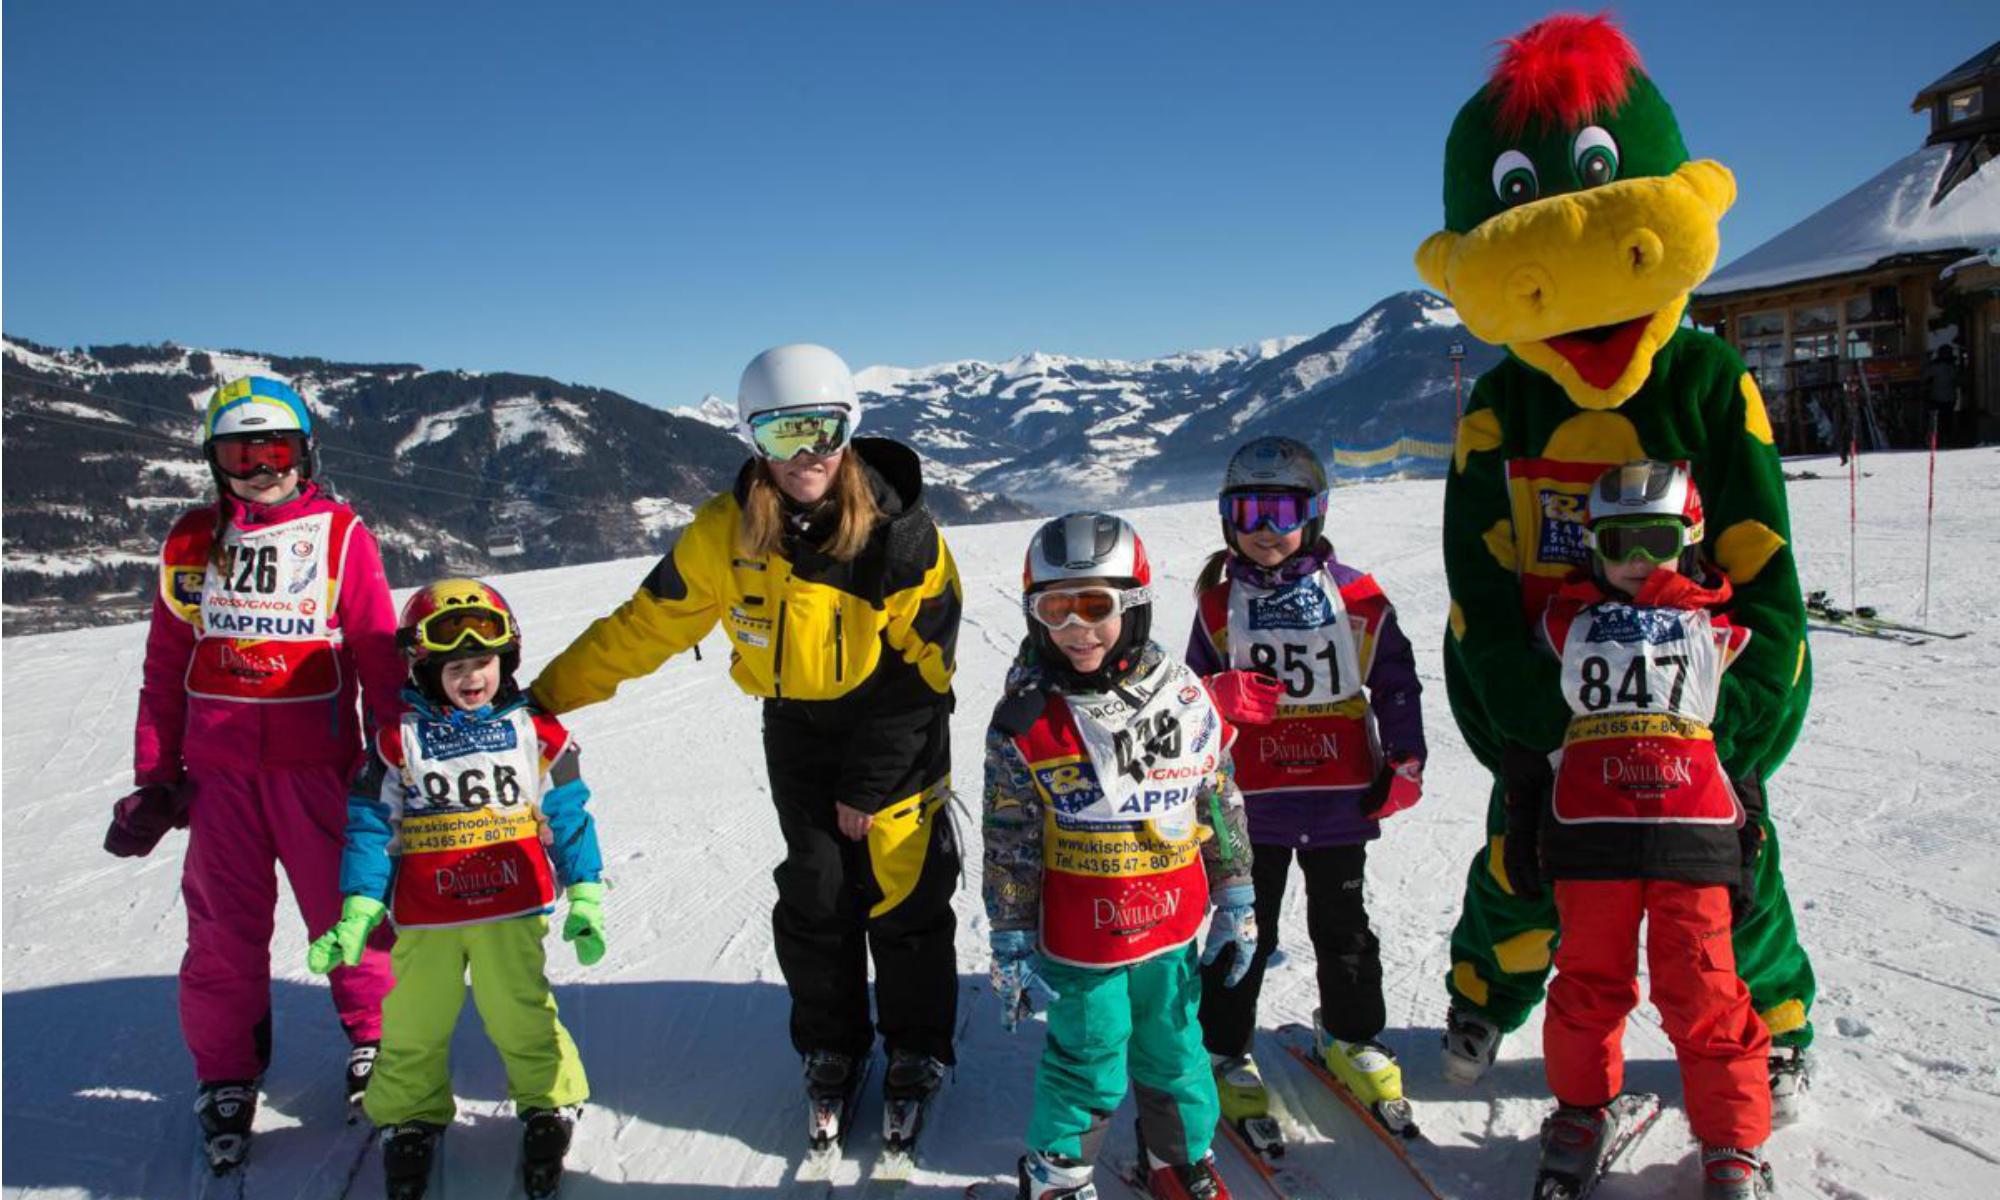 Skianfänger haben Spaß mit dem Maskottchen des Kinderlandes in Kaprun.